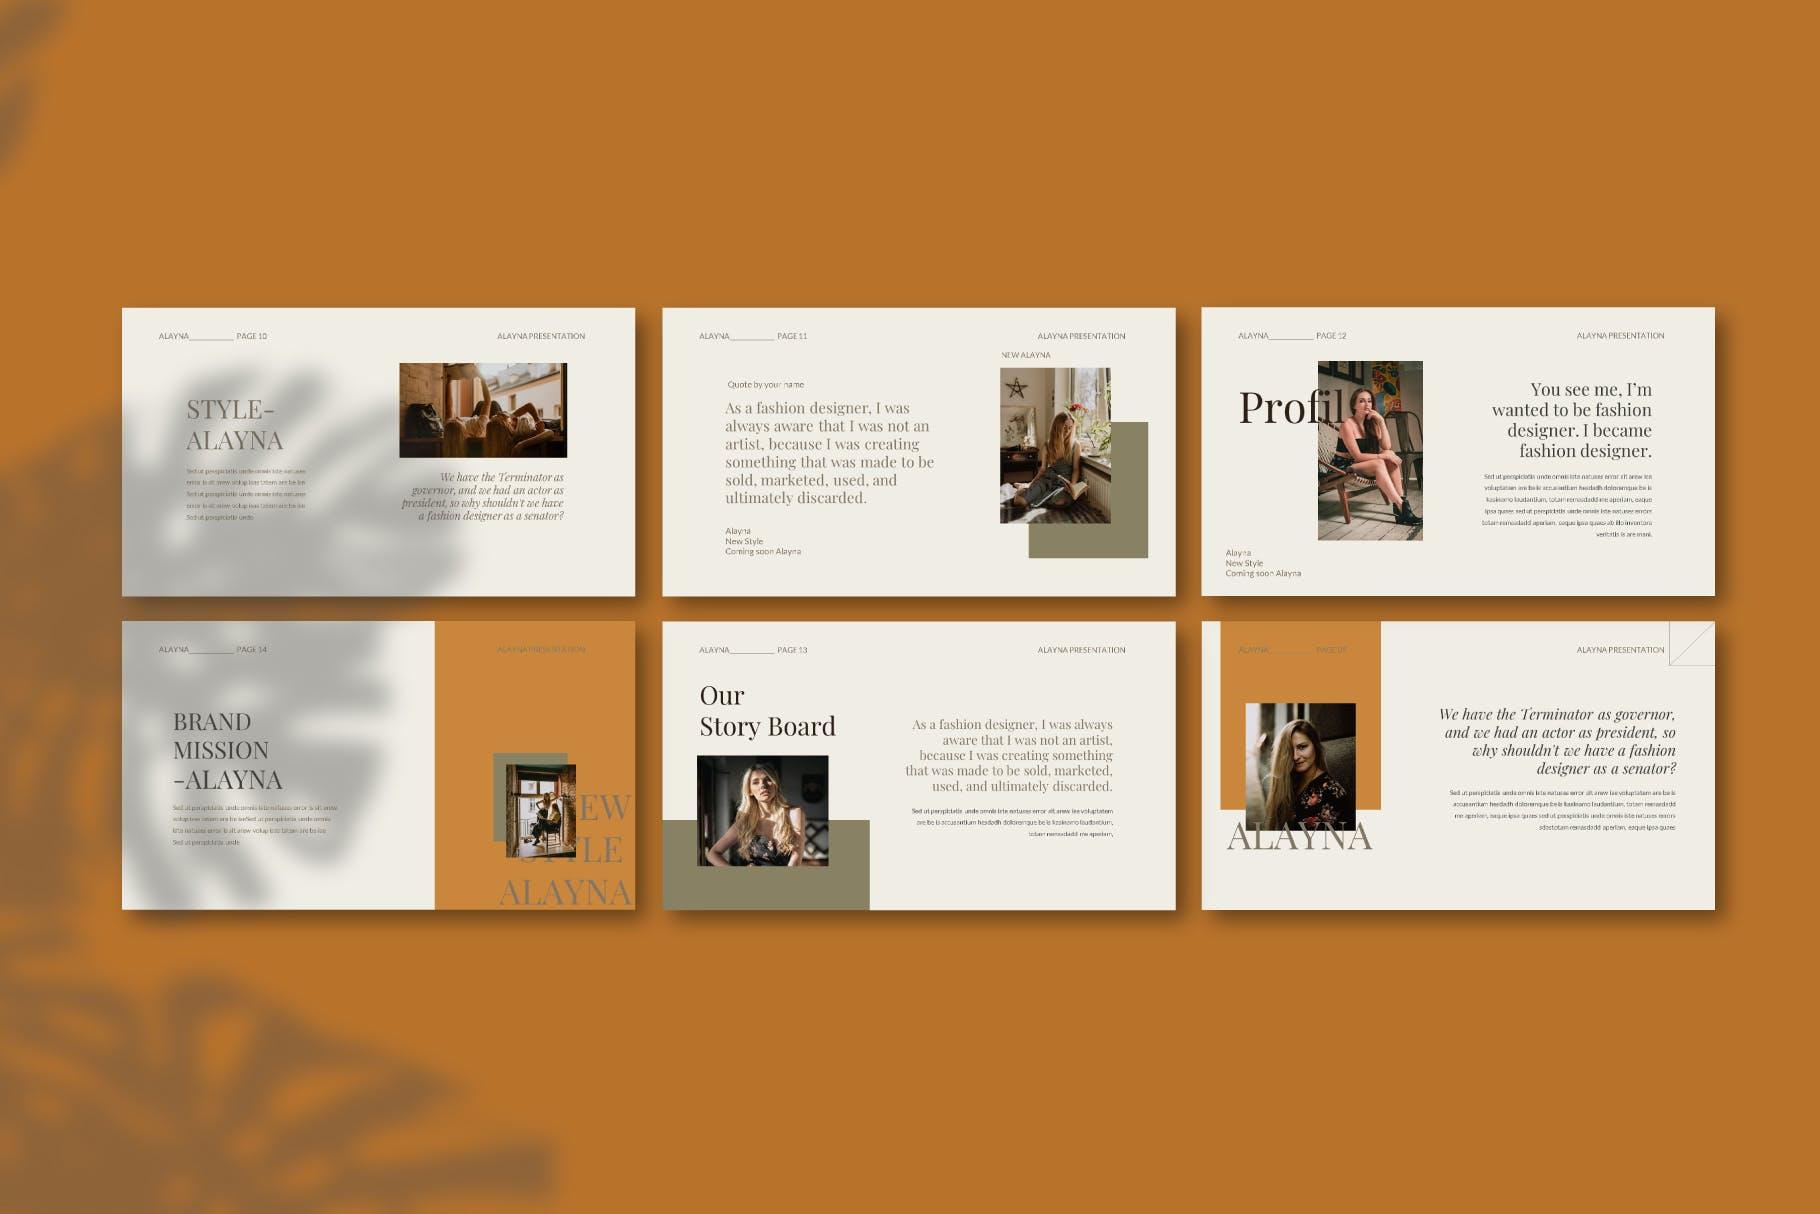 现代极简主义优雅轻奢品牌推广PPT演示文稿模板素材 Alayna – Powerpoint Template插图(8)